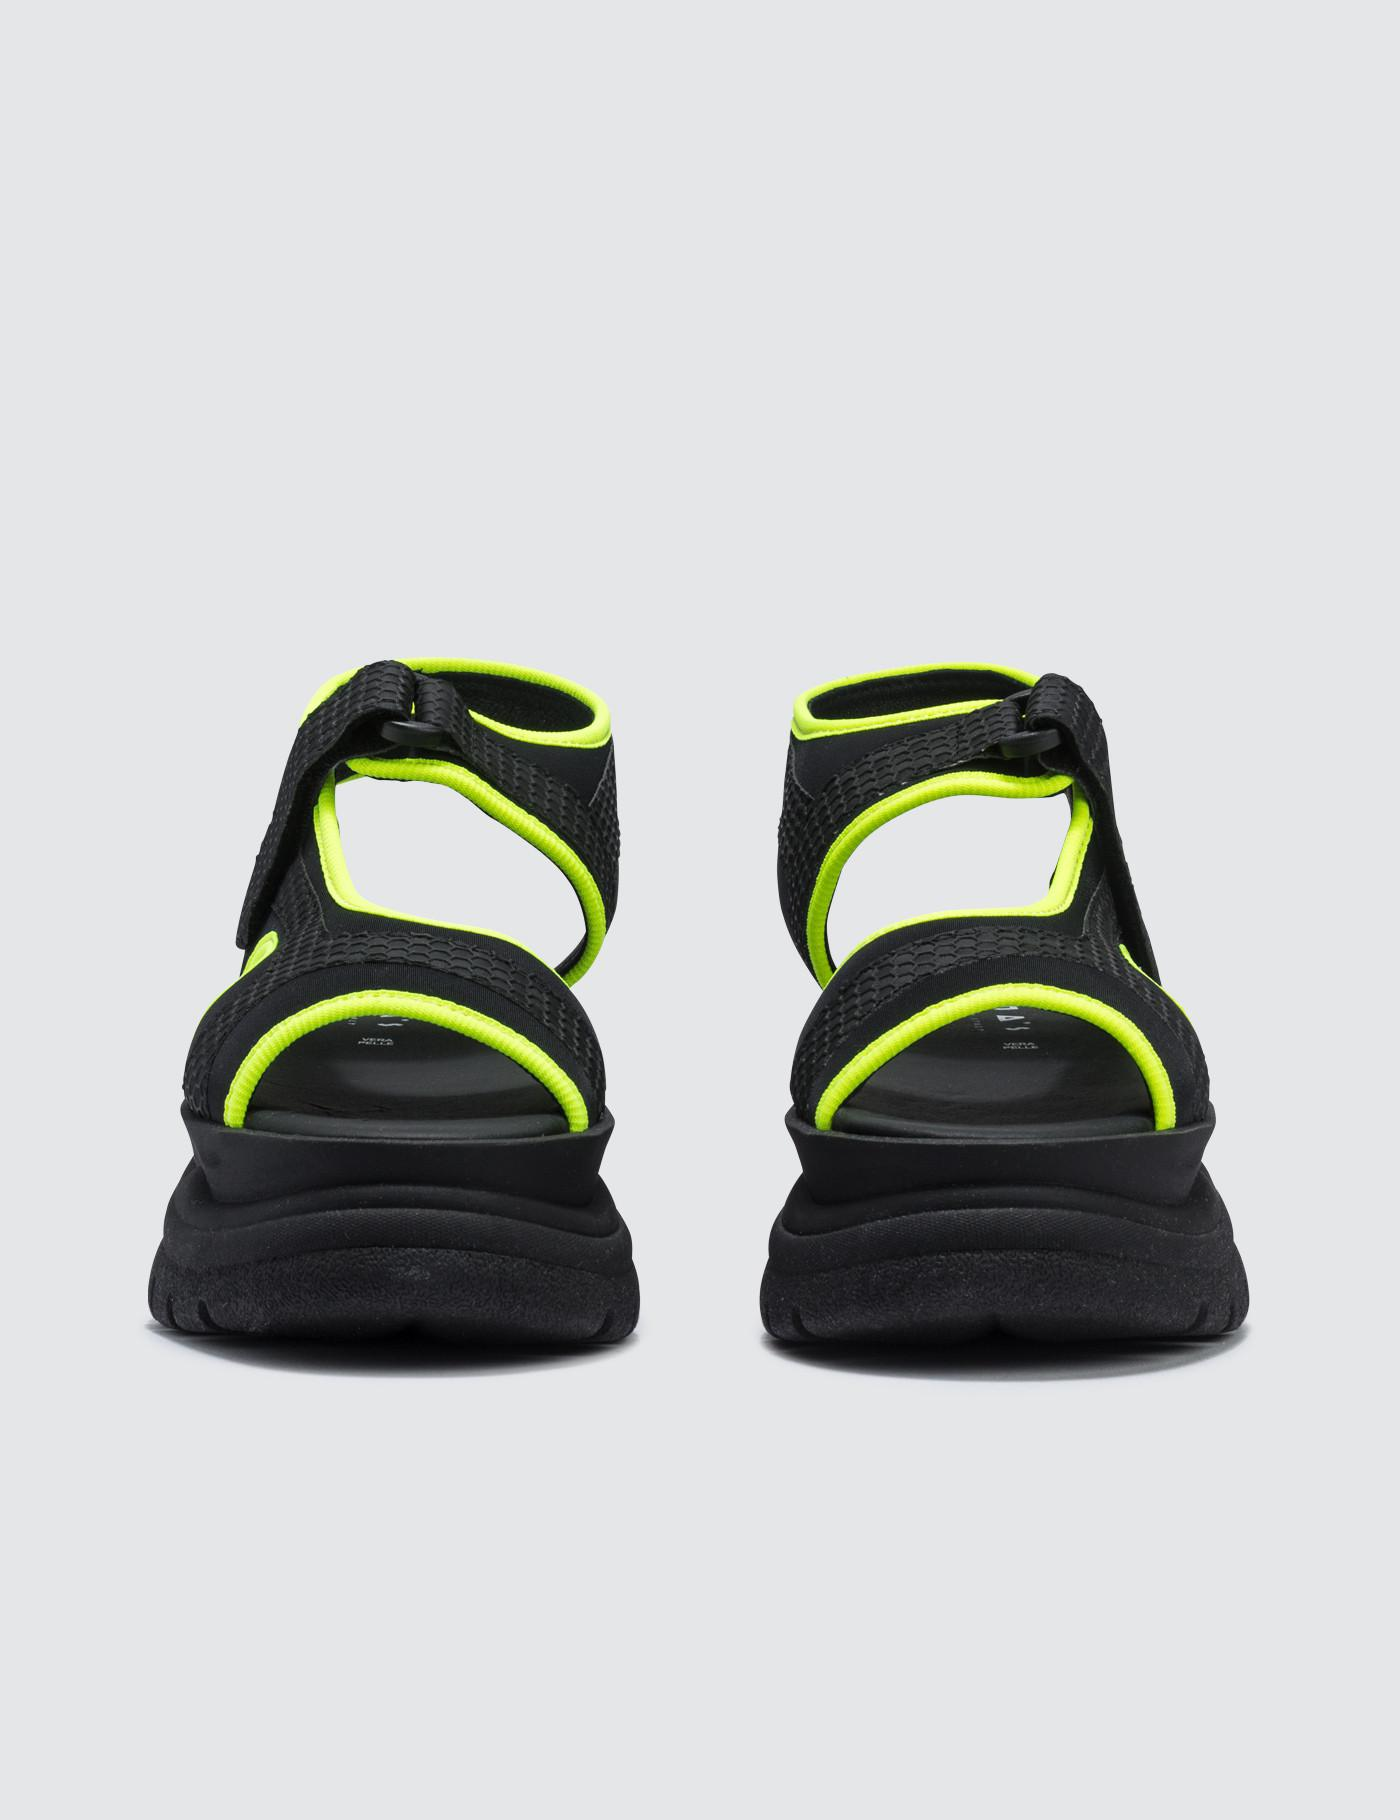 c7a9de066b66 Lyst - Joshua Sanders Yellow Spice Scuba Sandals in Black